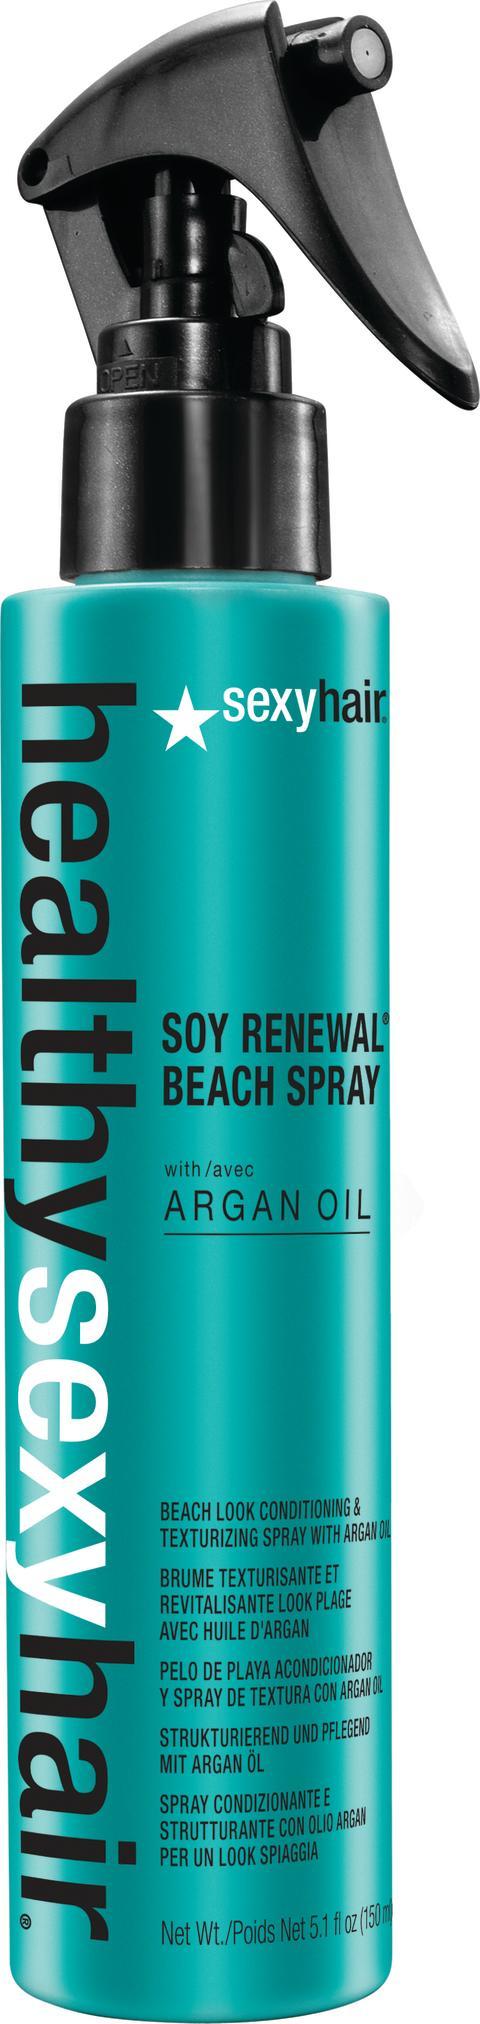 Healthy Sexy Hair - Soy Renewal Beach Spray